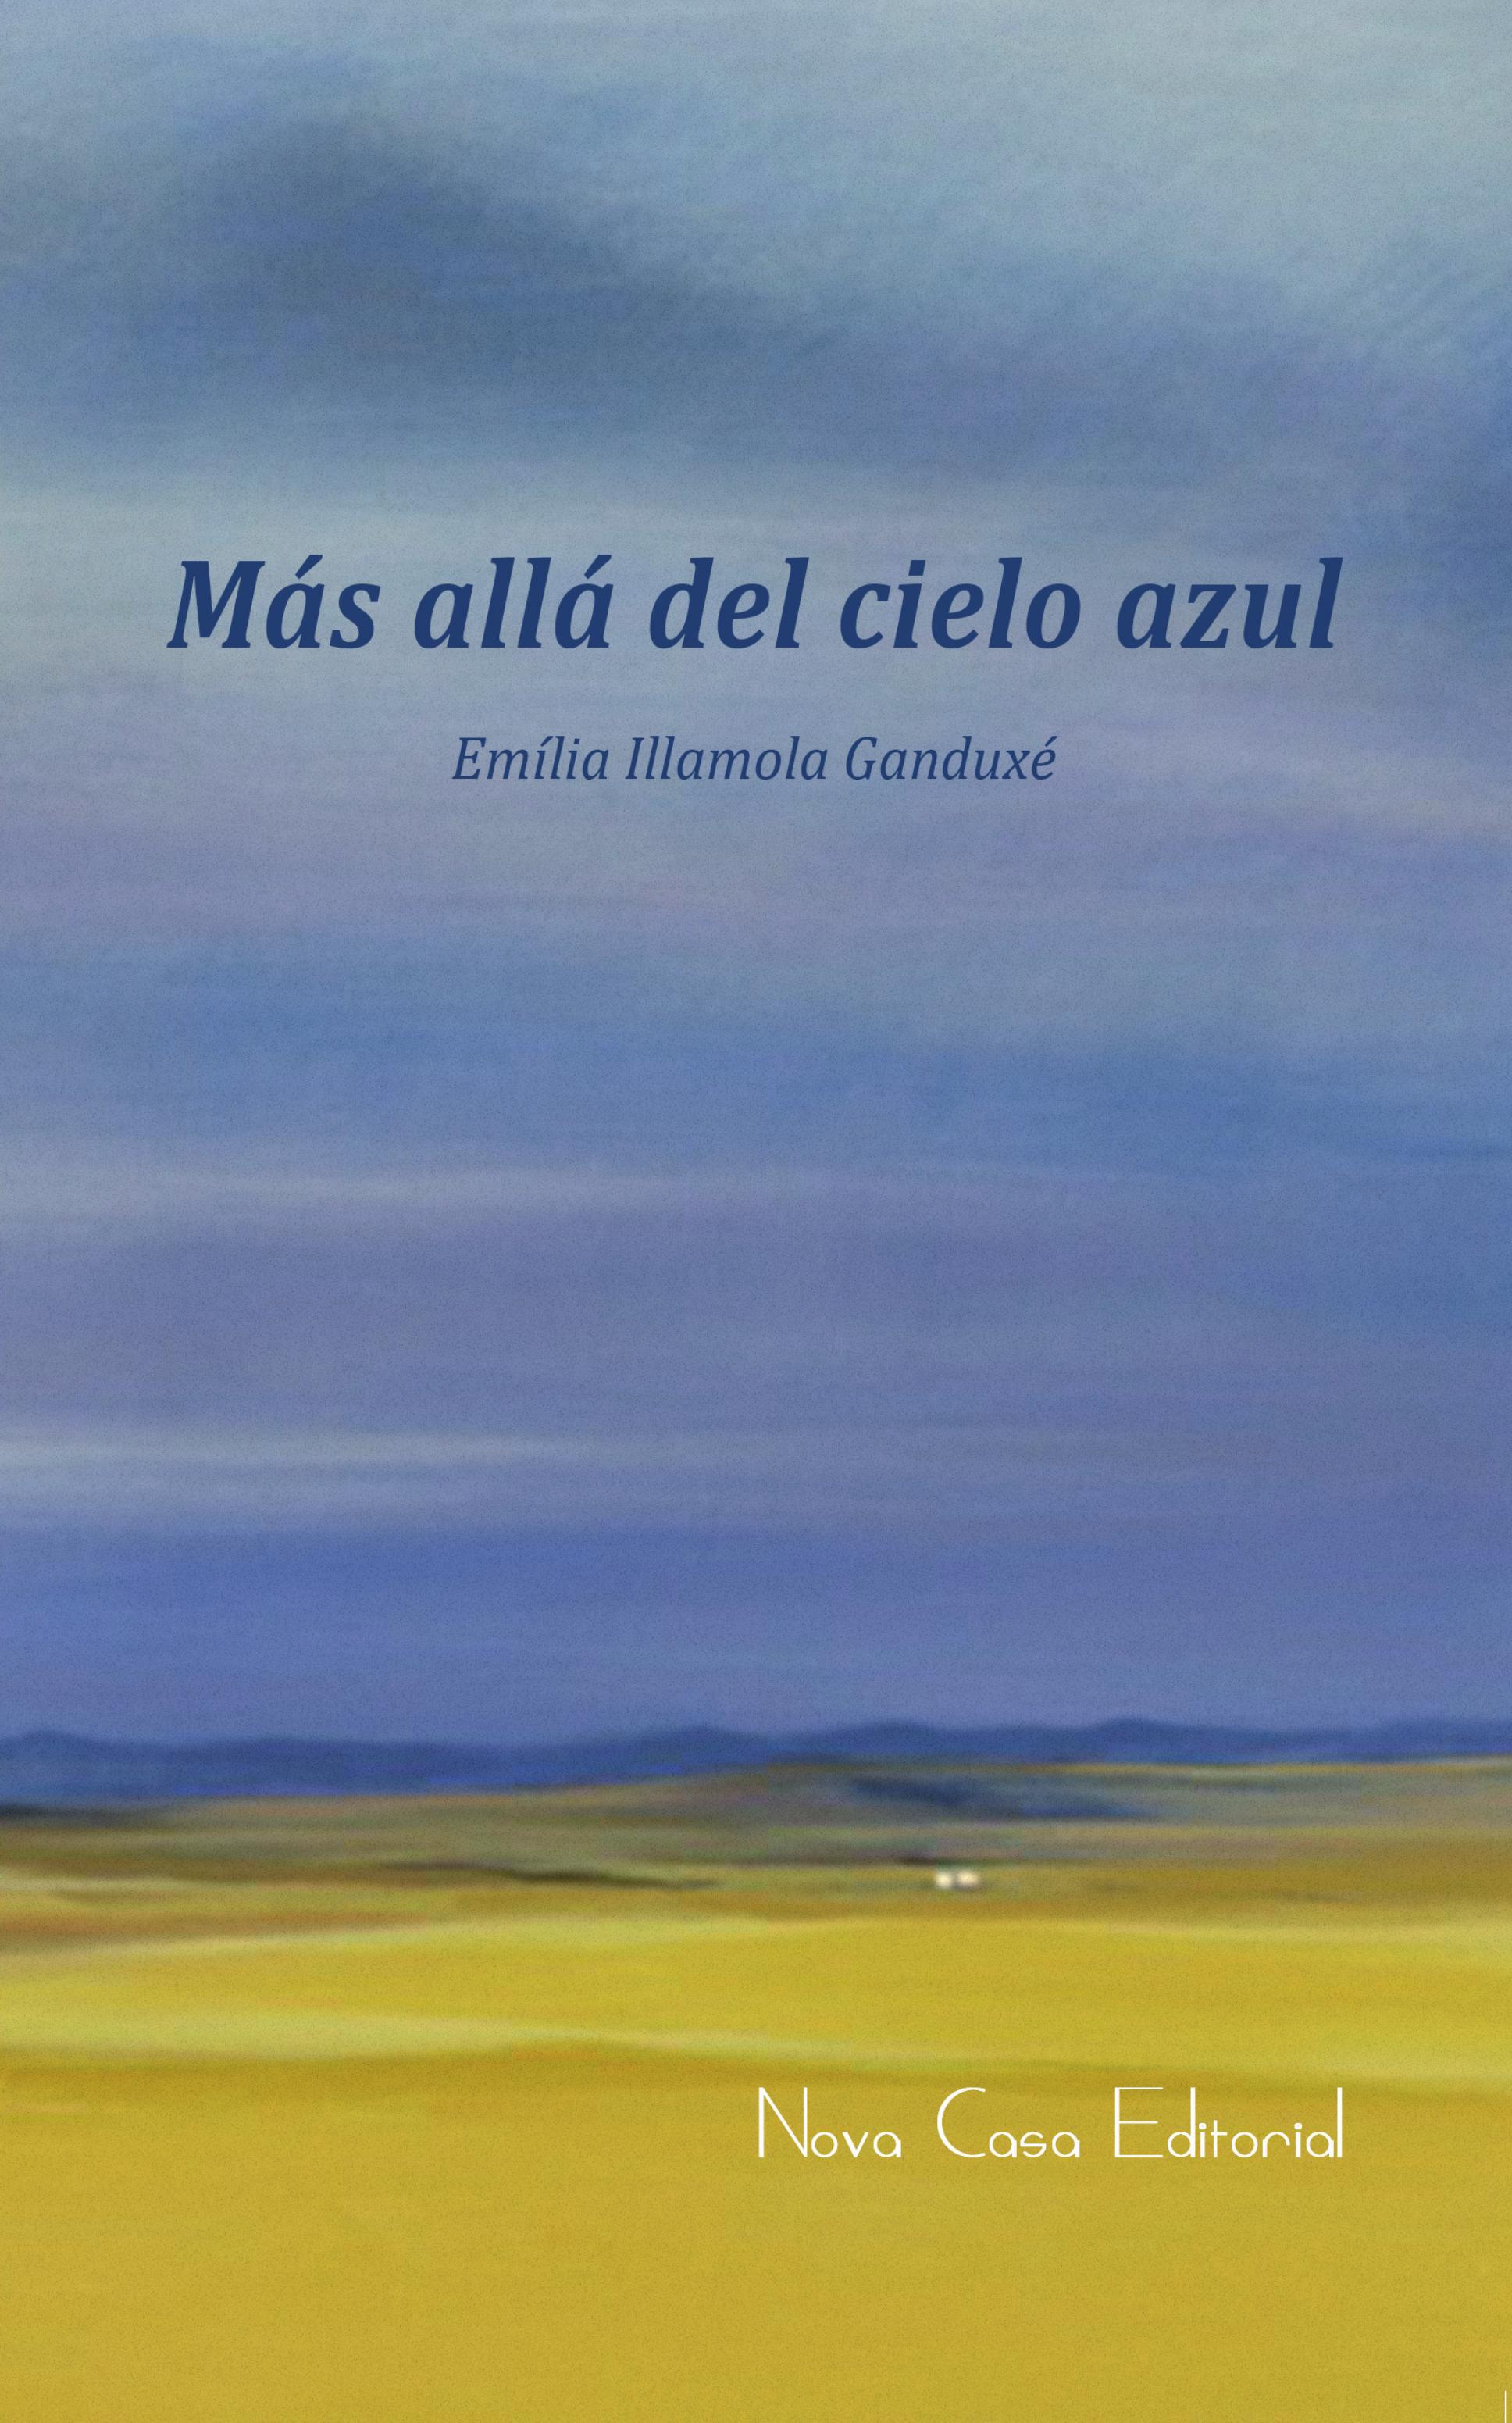 Emília Illamola Ganduxé Más allá del cielo azul вино primitivo cielo 2012 г